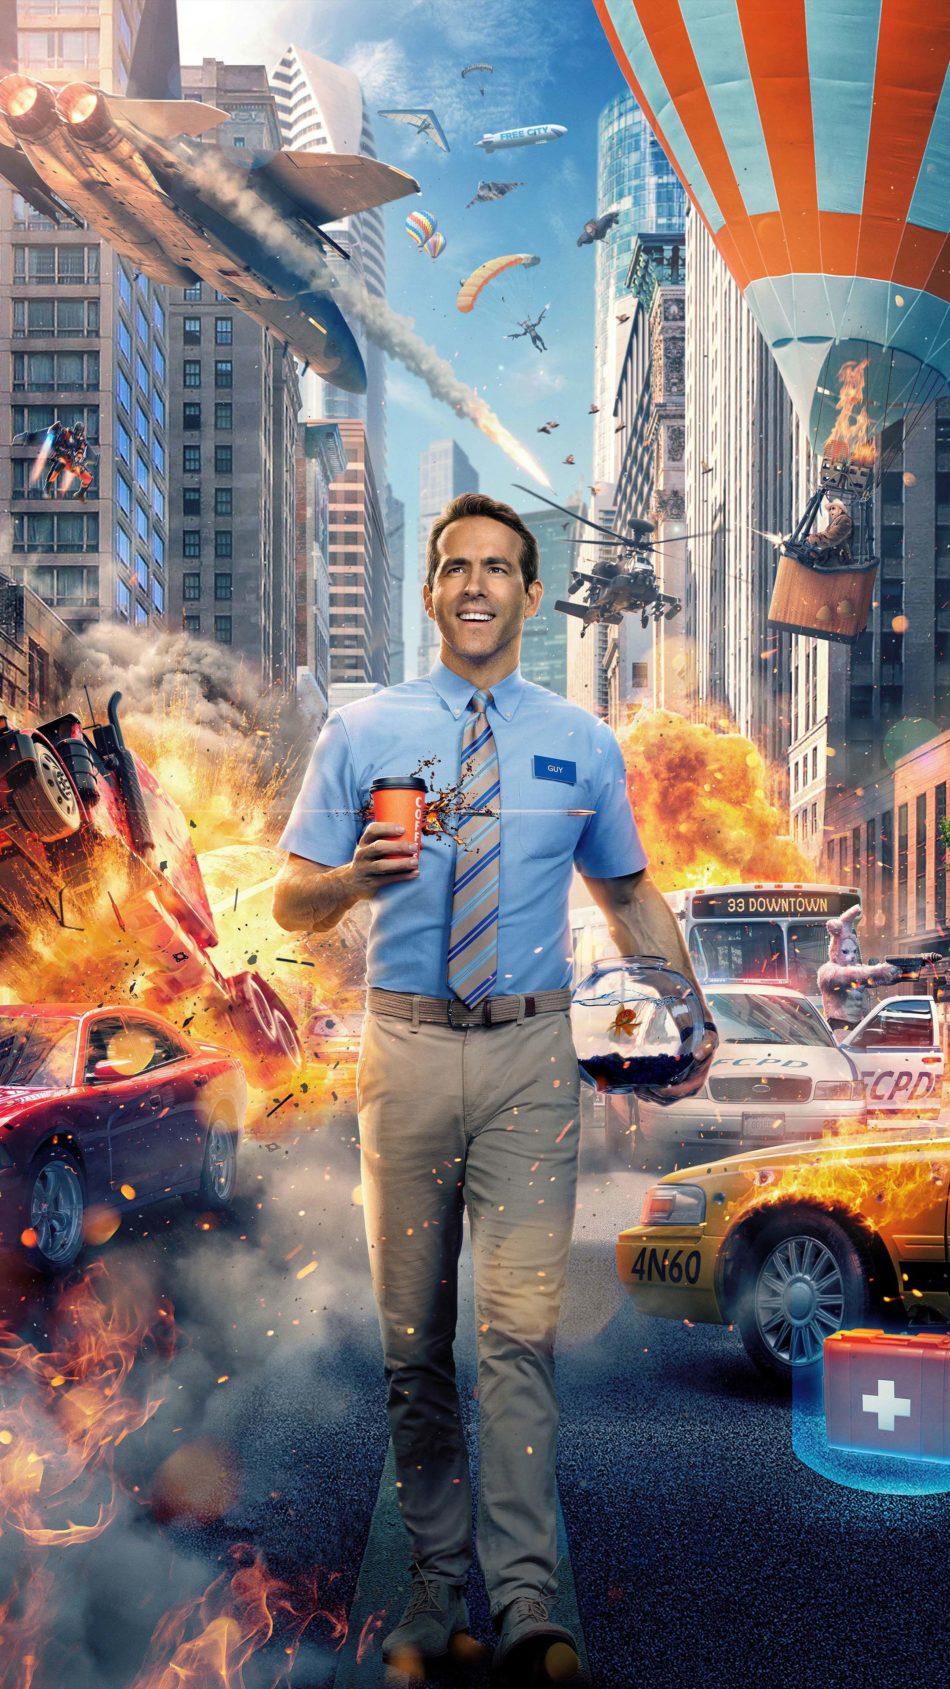 Ryan Reynolds In Free Guy 2020 4K Ultra HD Mobile Wallpaper